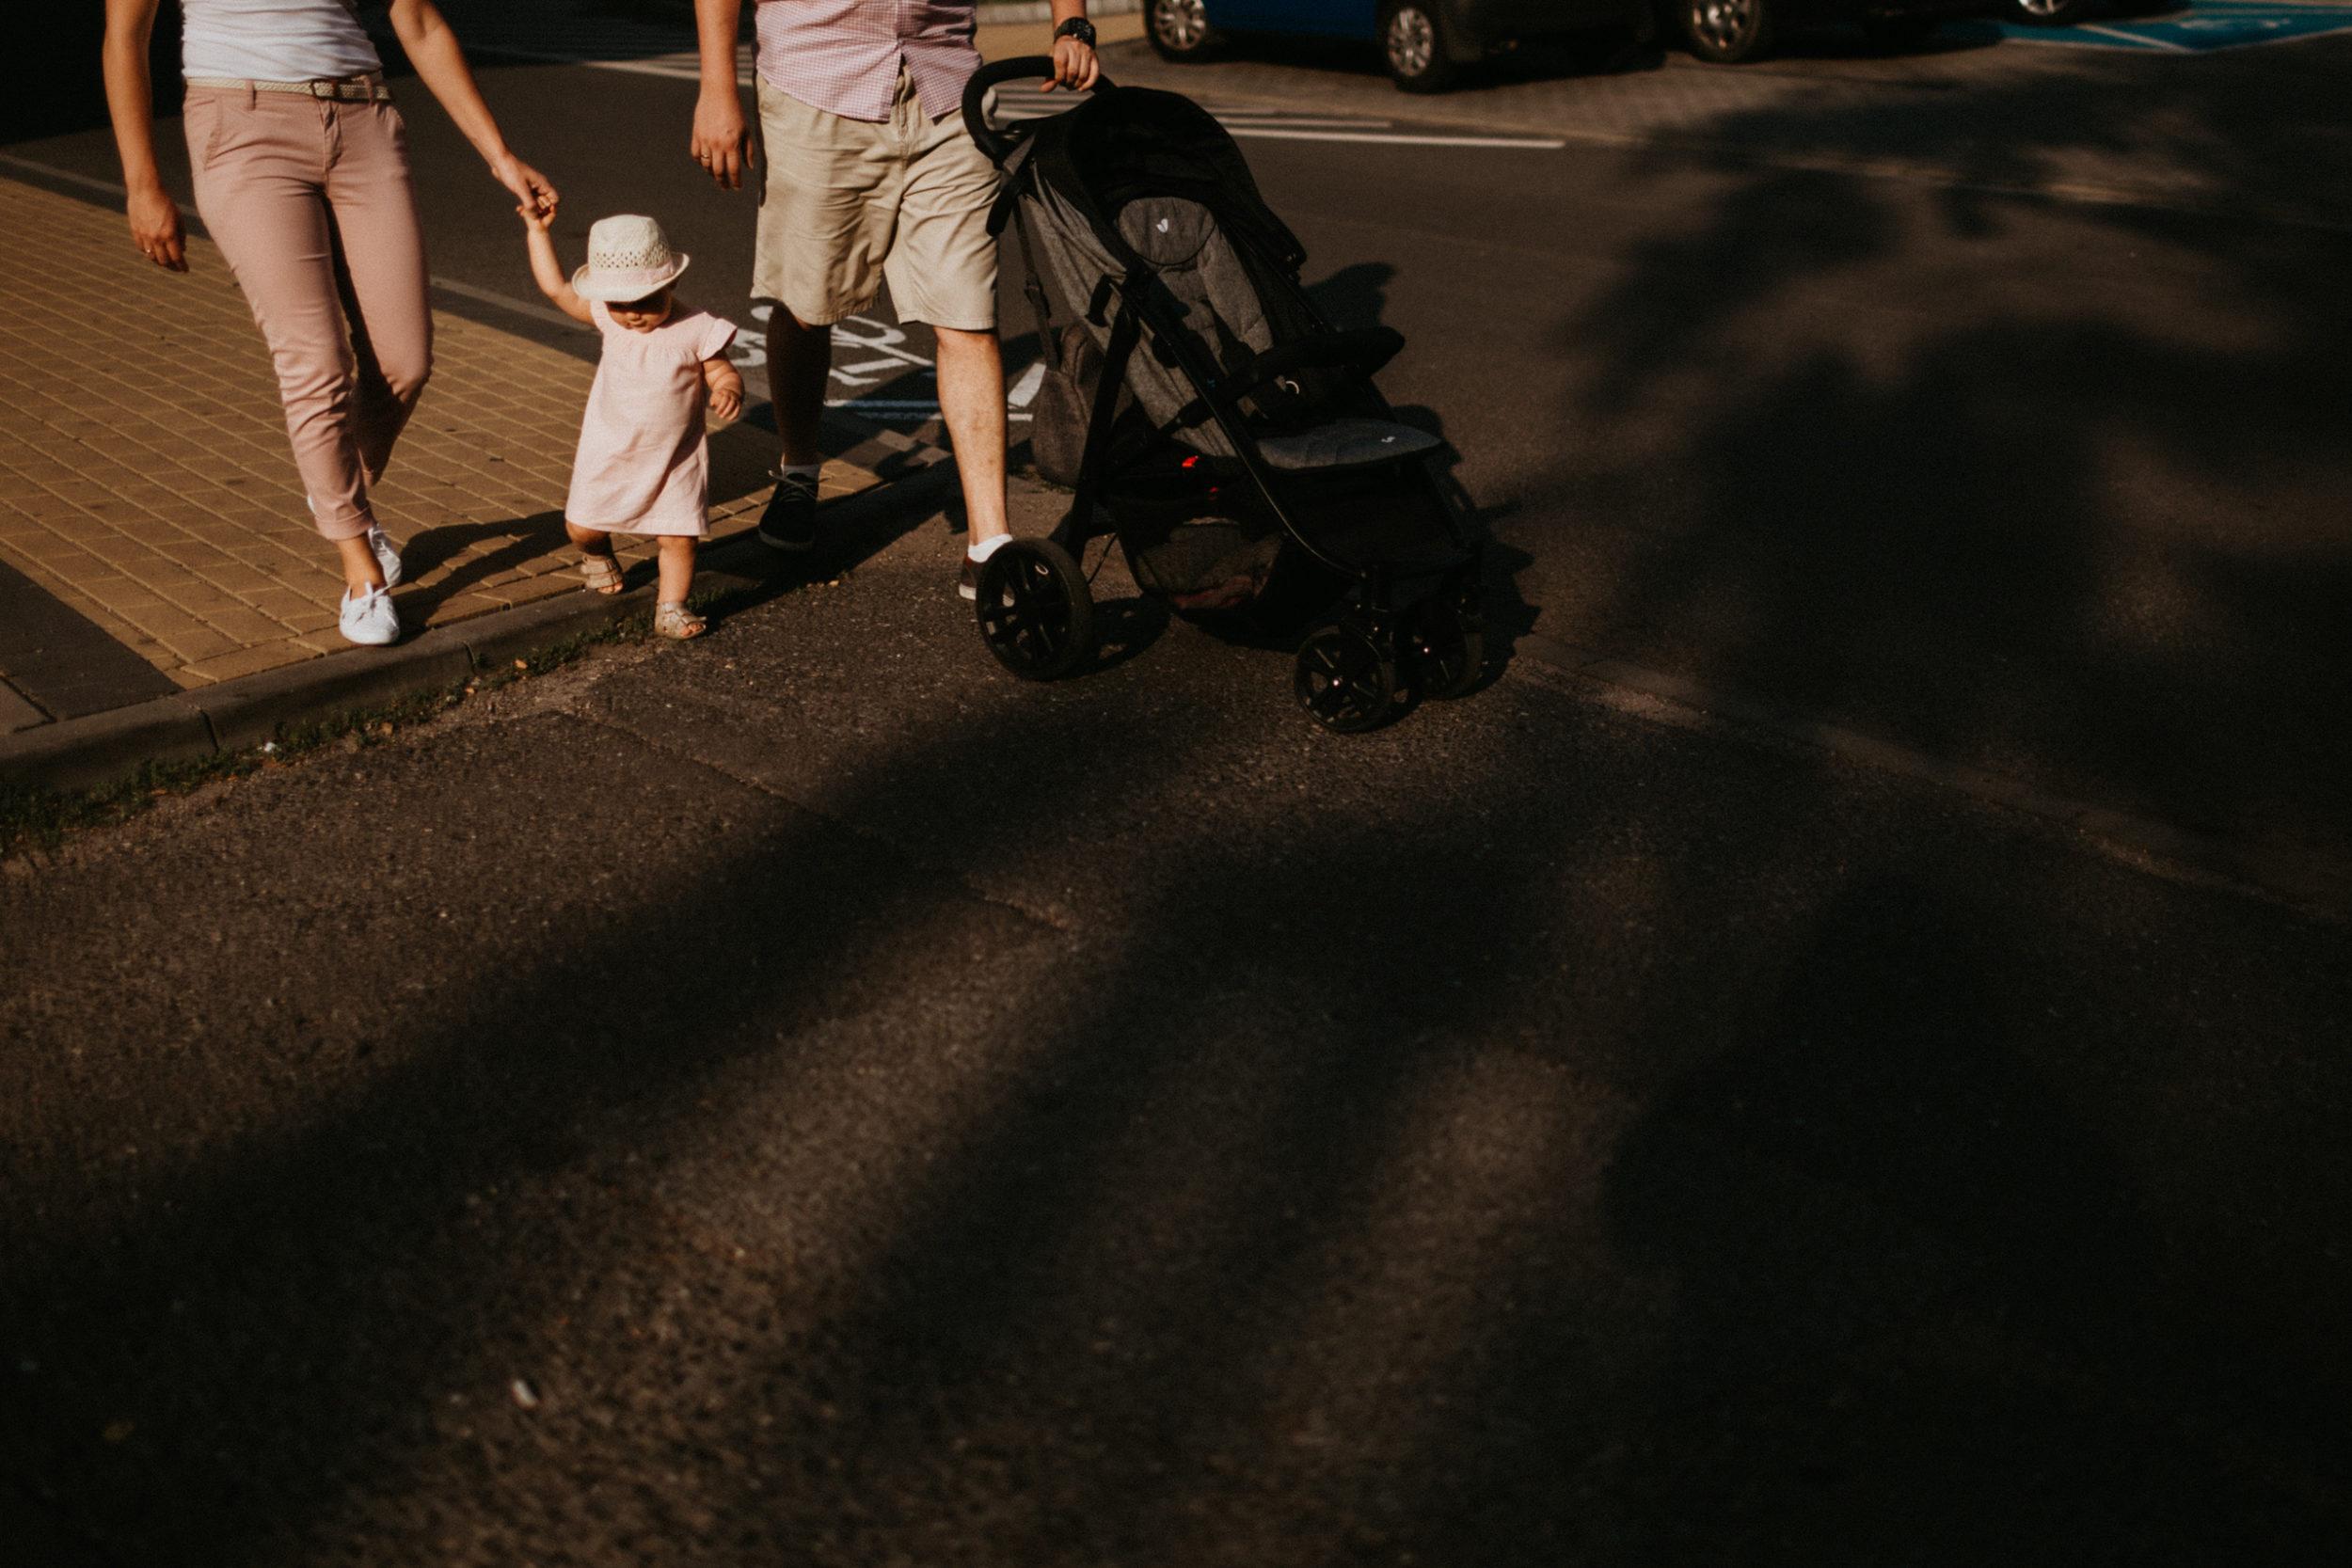 sesja rodzinna w miescie fotografia slask 00002